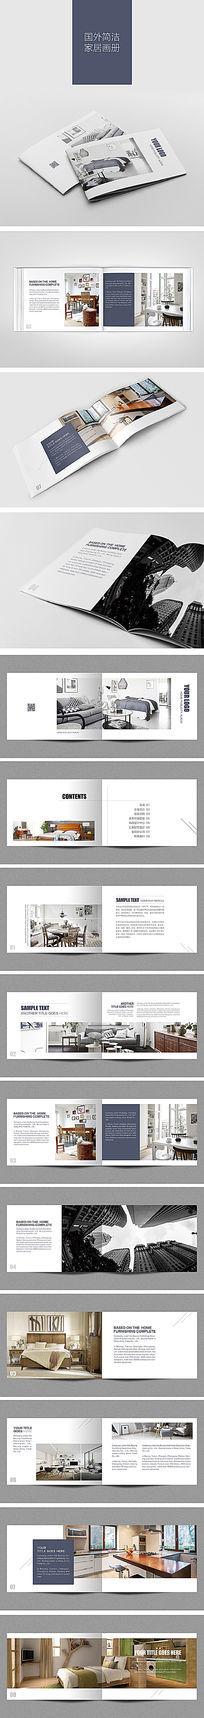 装修公司简约宣传画册家居画册设计